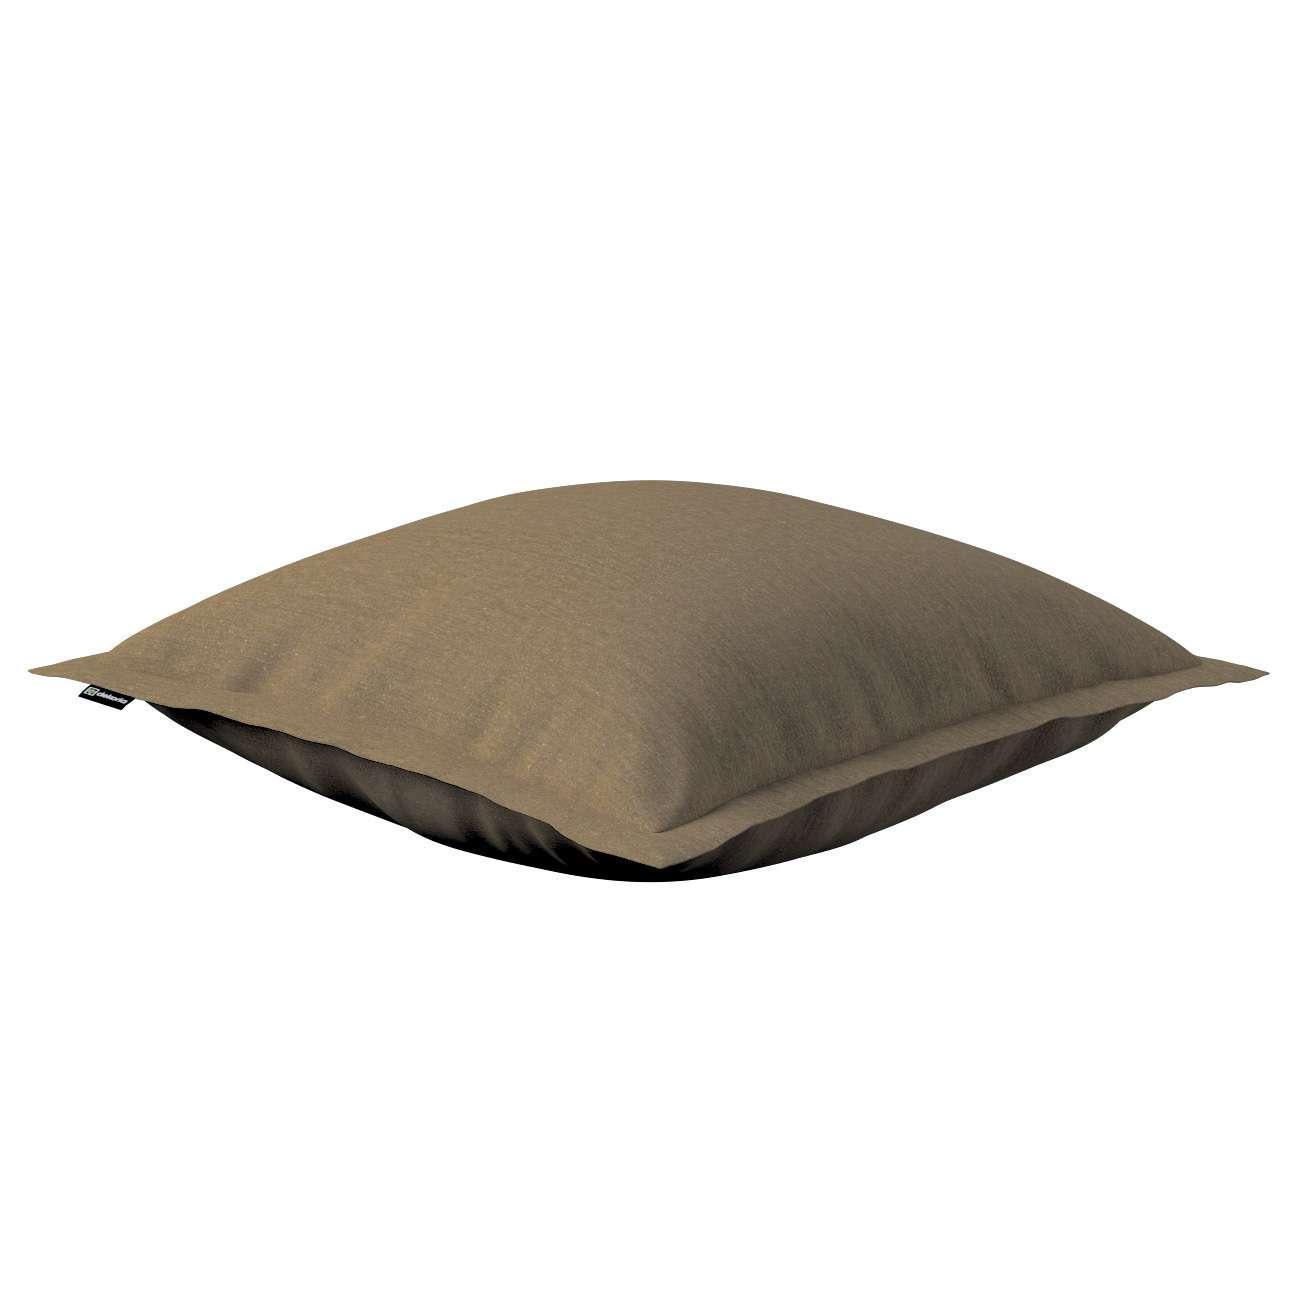 Poszewka Mona na poduszkę 45x45 cm w kolekcji Chenille, tkanina: 702-21